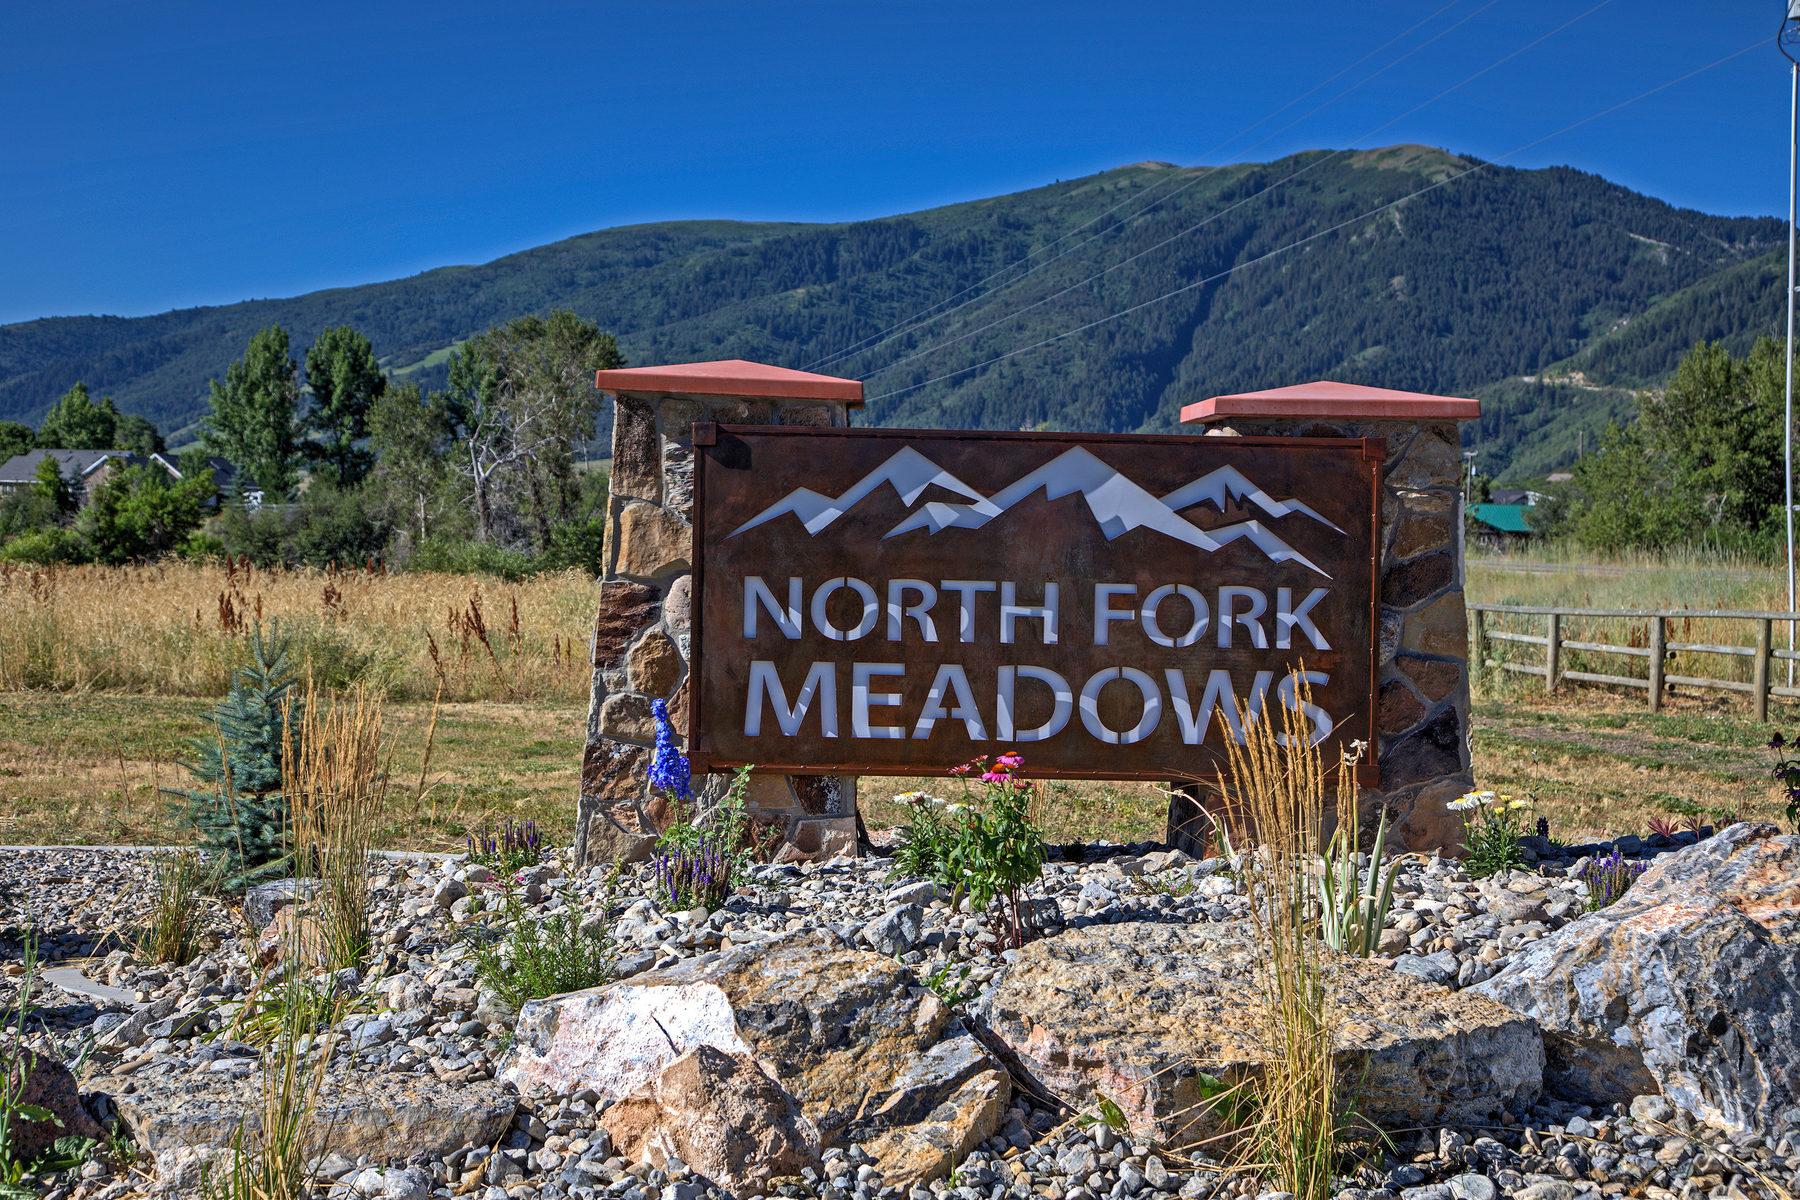 Terreno por un Venta en Build Your Dream Home in Eden Utah 3259 East 5225 North Lot 6 Eden, Utah, 84310 Estados Unidos